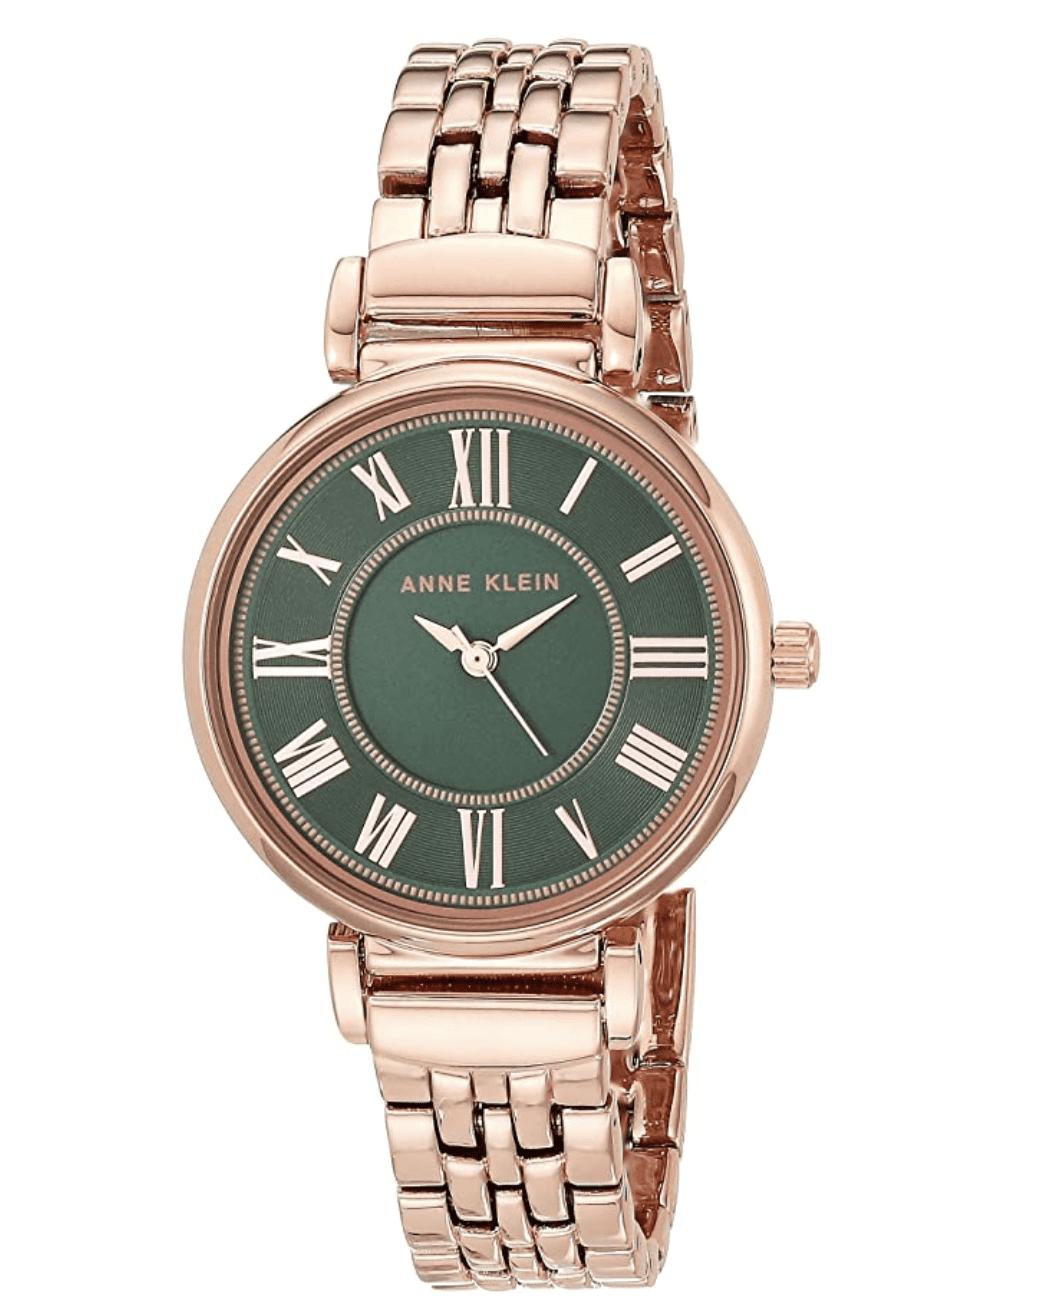 Amazon: Anne Klein Women's Bracelet Watch .99